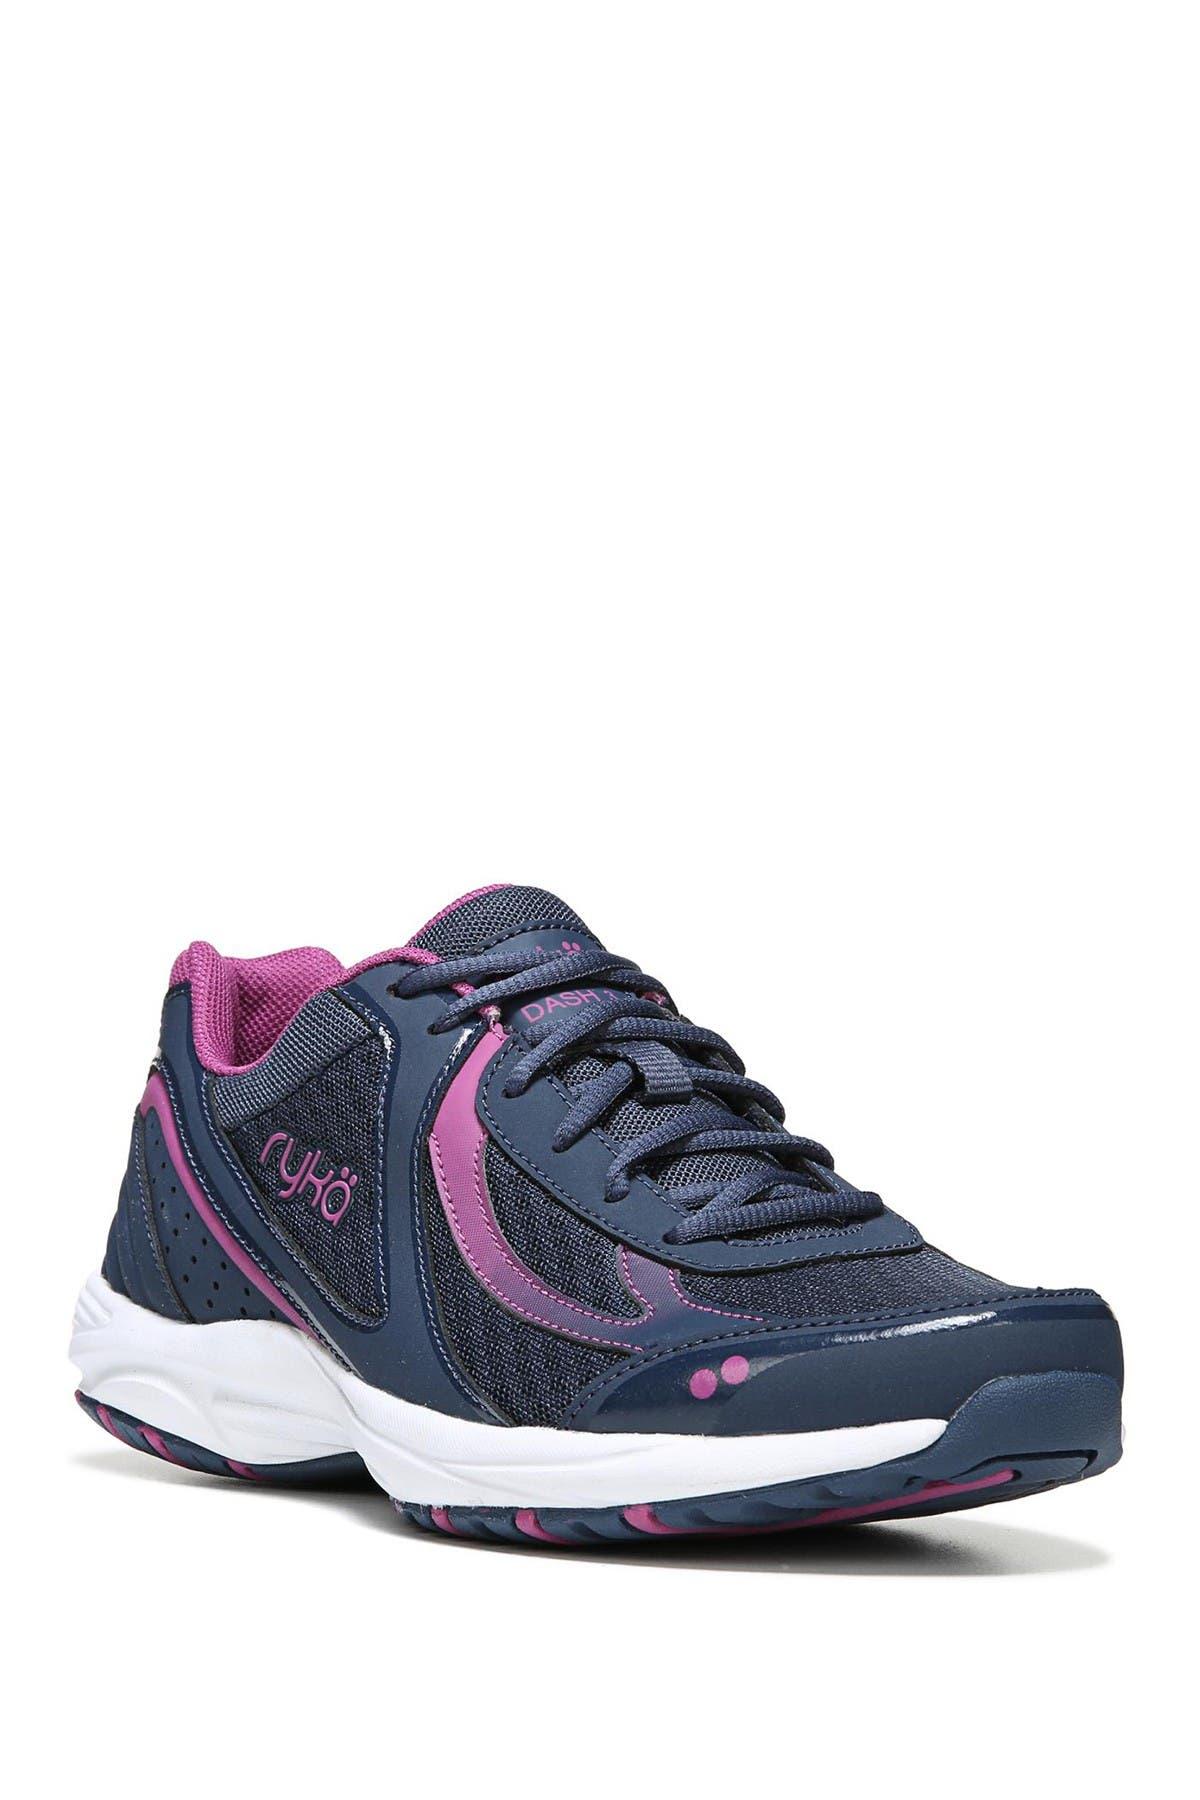 Image of Ryka Dash 3 Walking Sneaker